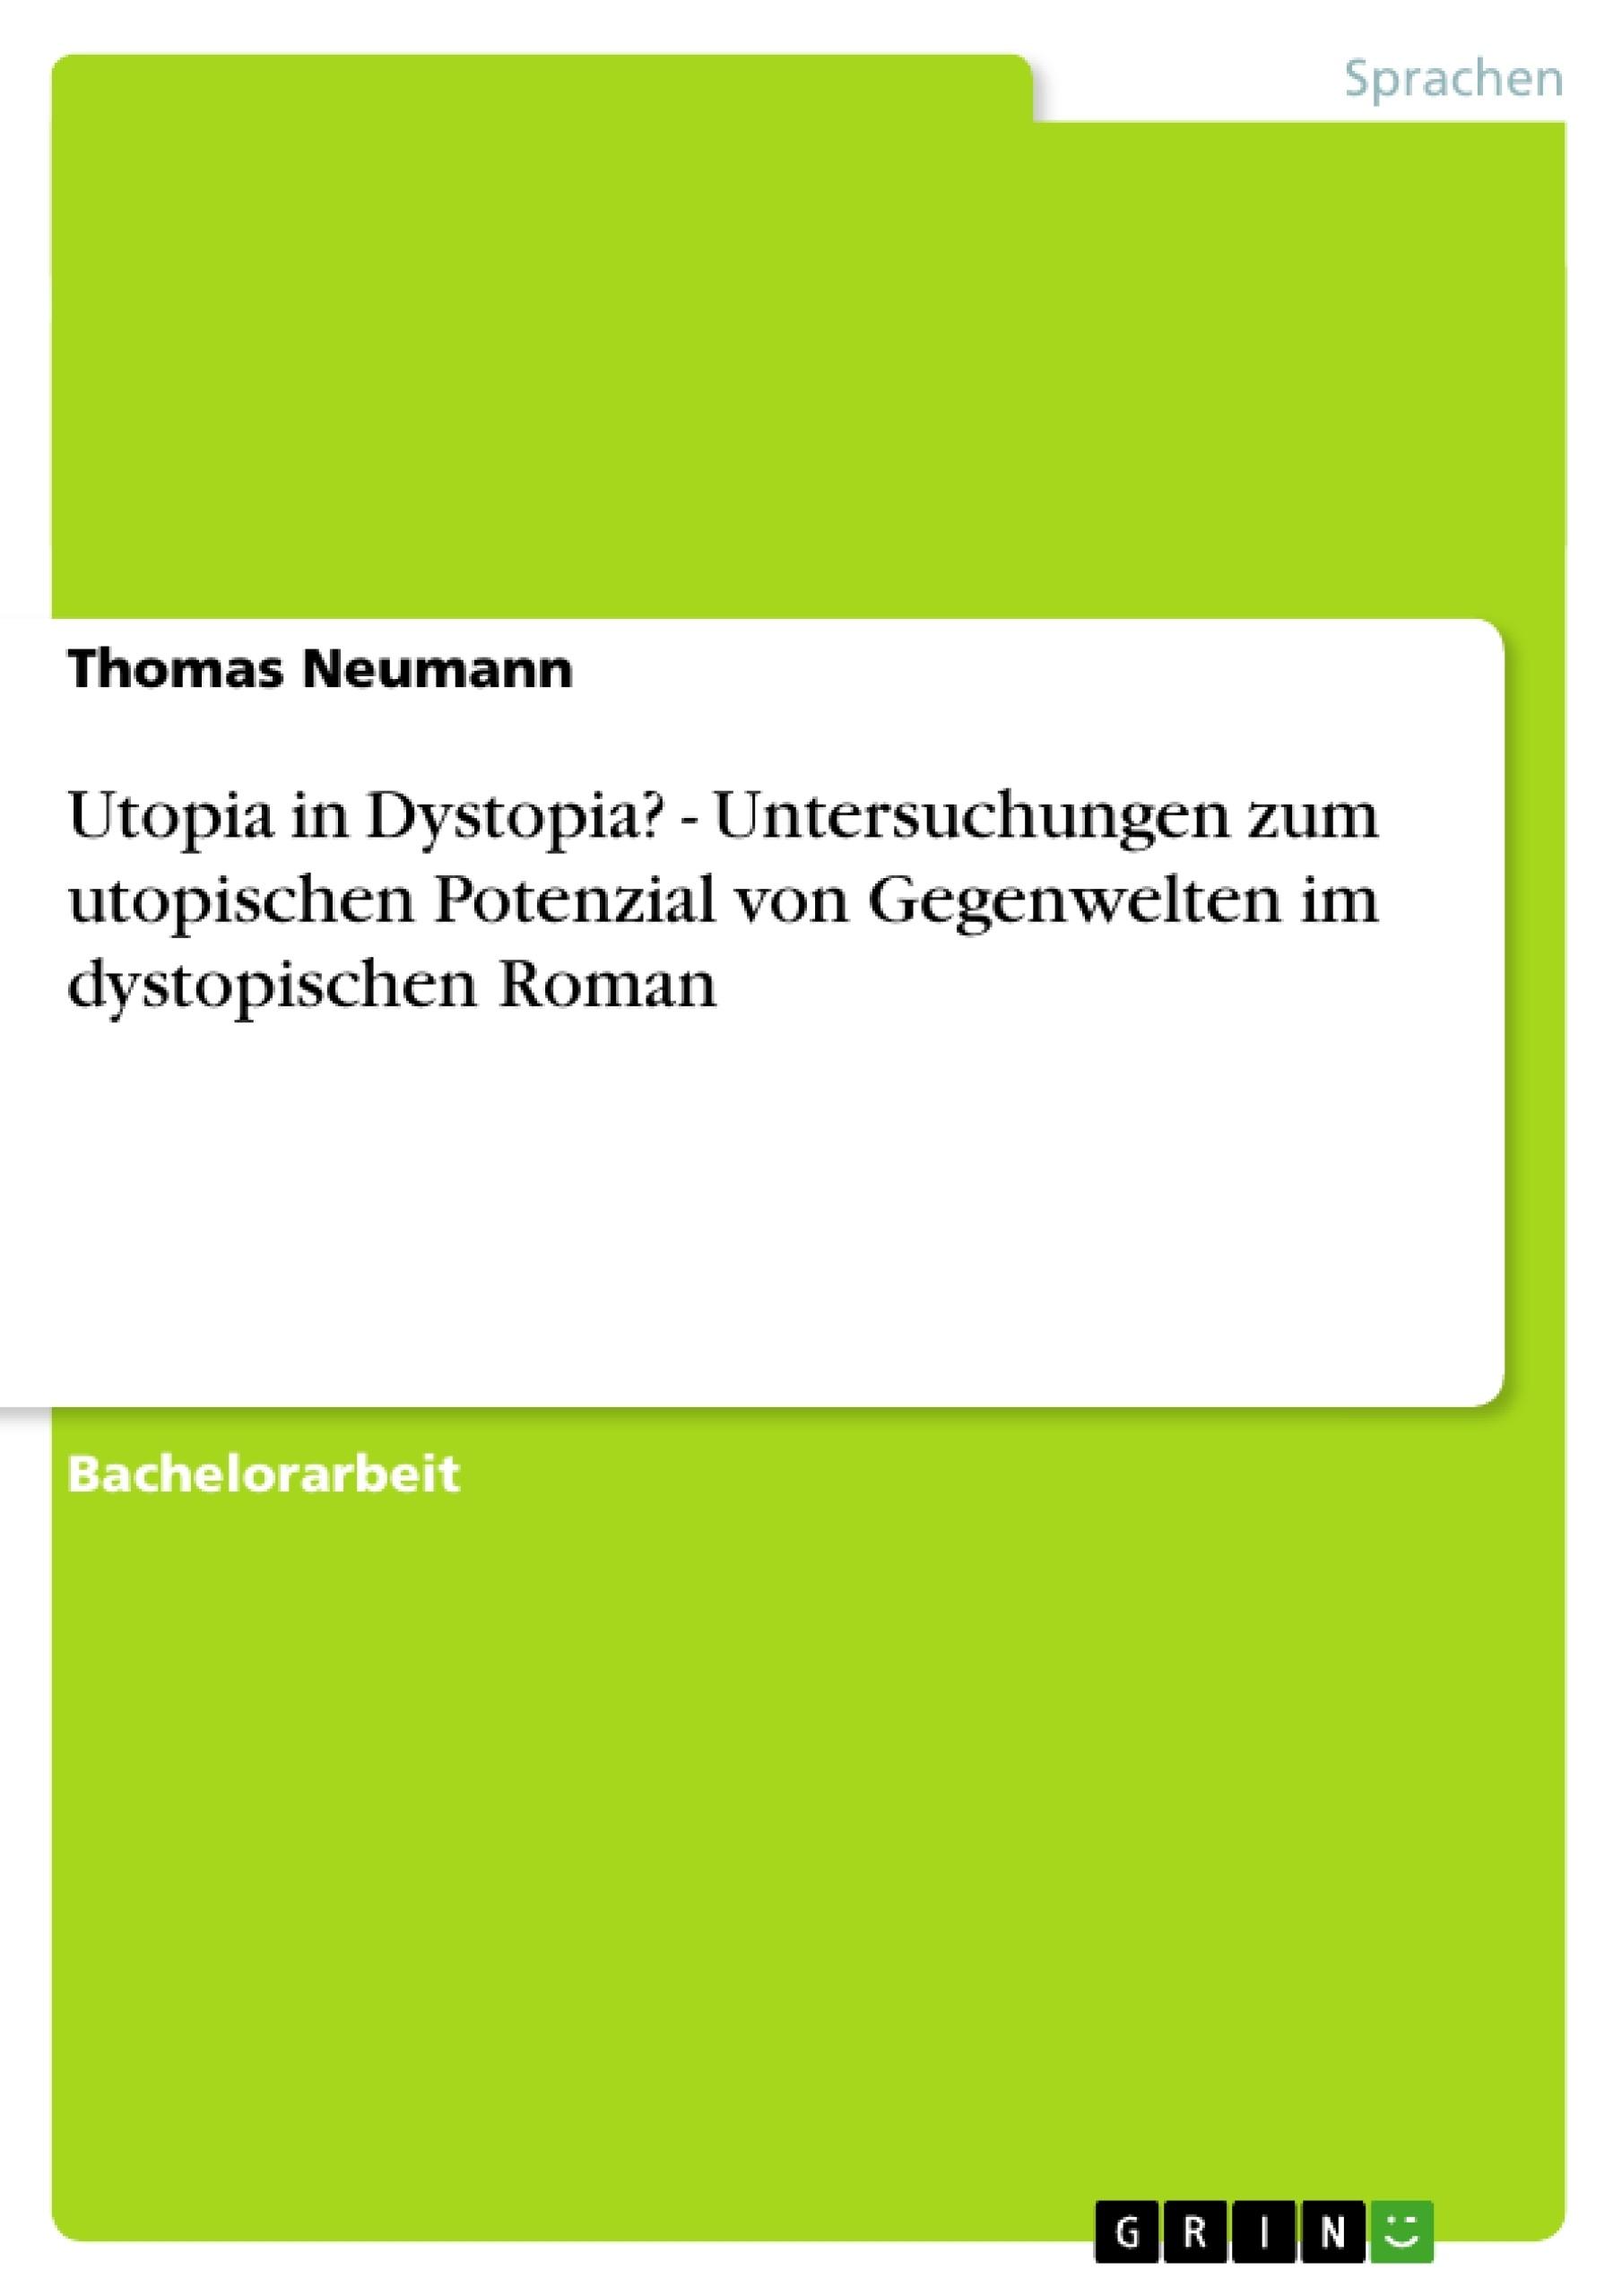 Titel: Utopia in Dystopia? - Untersuchungen zum utopischen Potenzial von Gegenwelten im dystopischen Roman